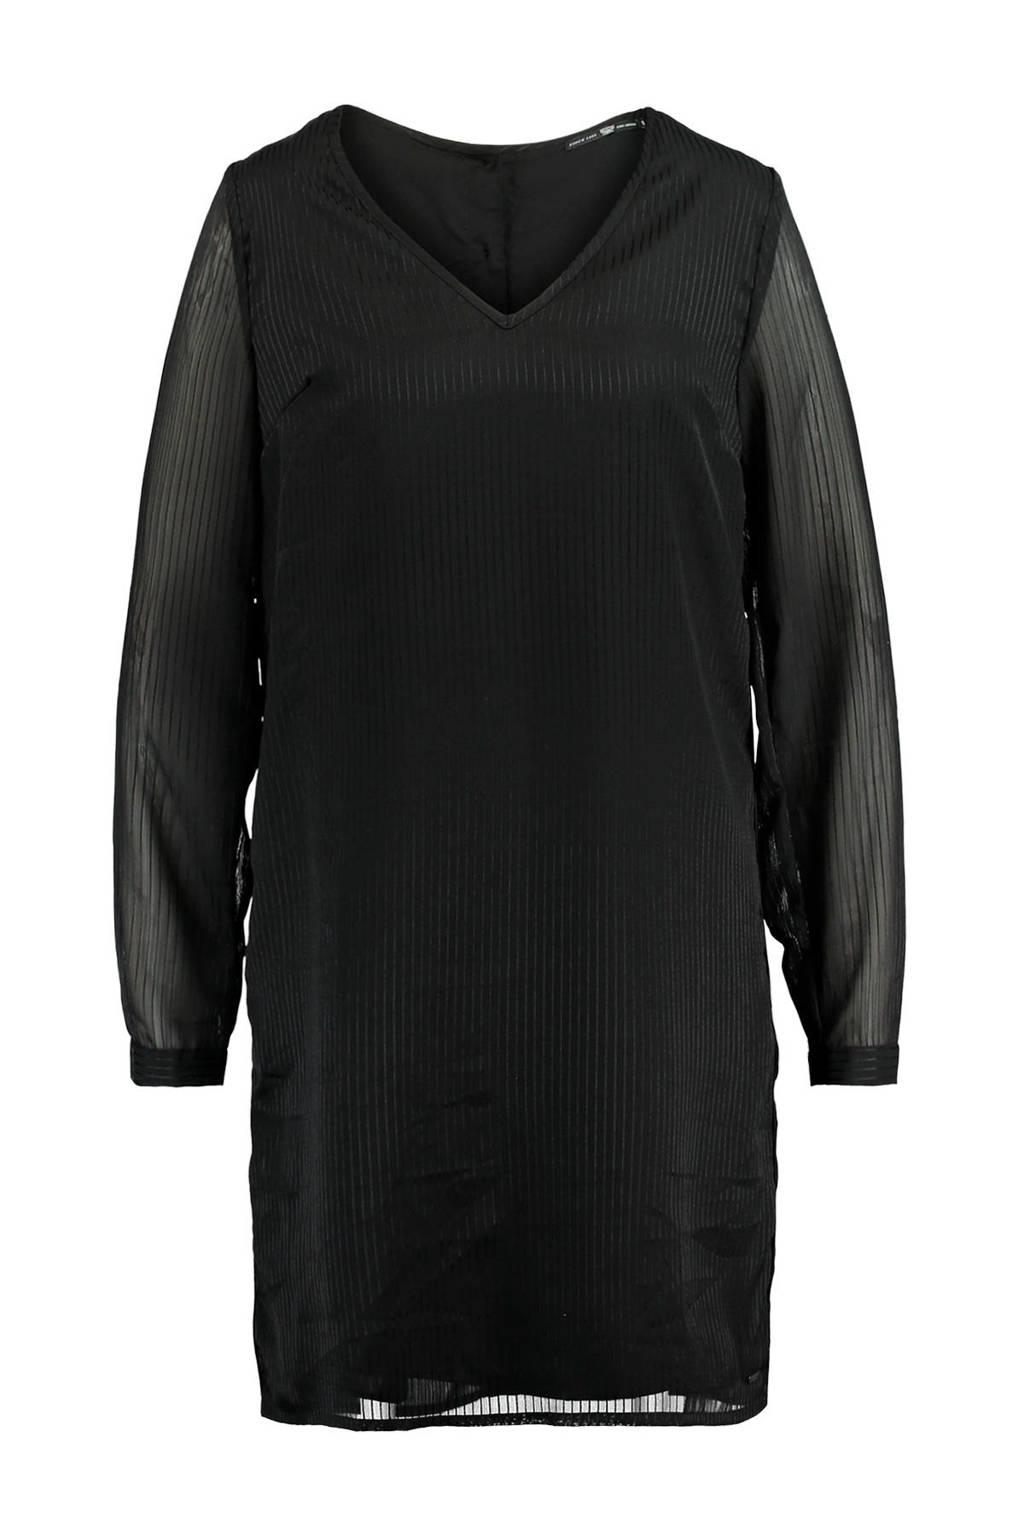 America Today jurk Doris X zwart, Zwart